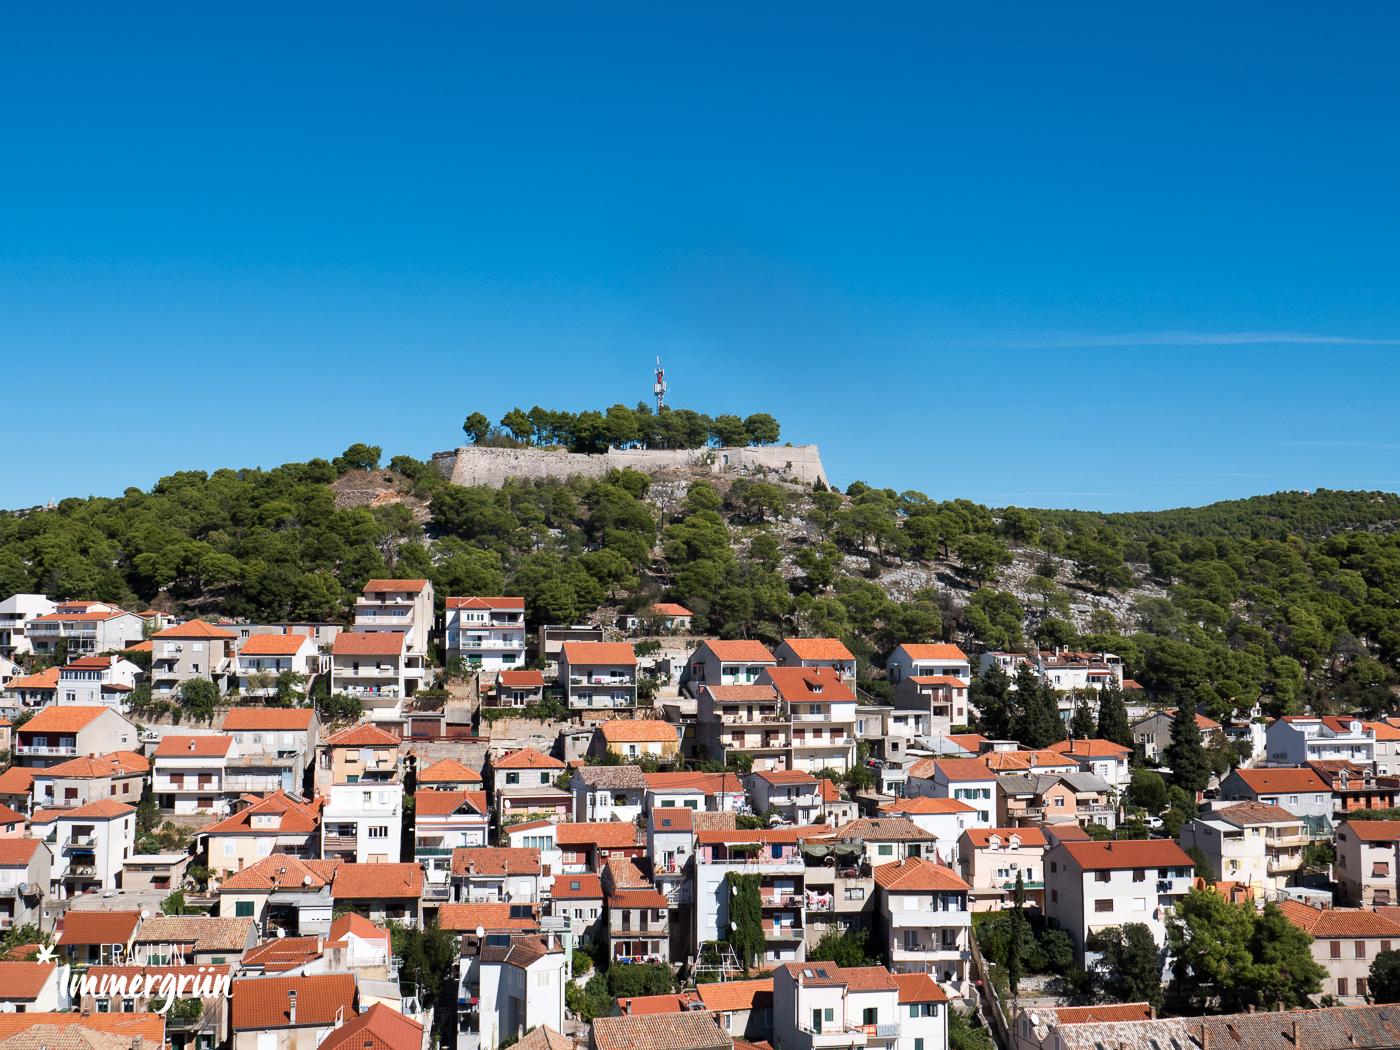 Dalmatien in Kroatien: Urlaub an der dalmatinischen Küste in der Nebensaison – Sibenik